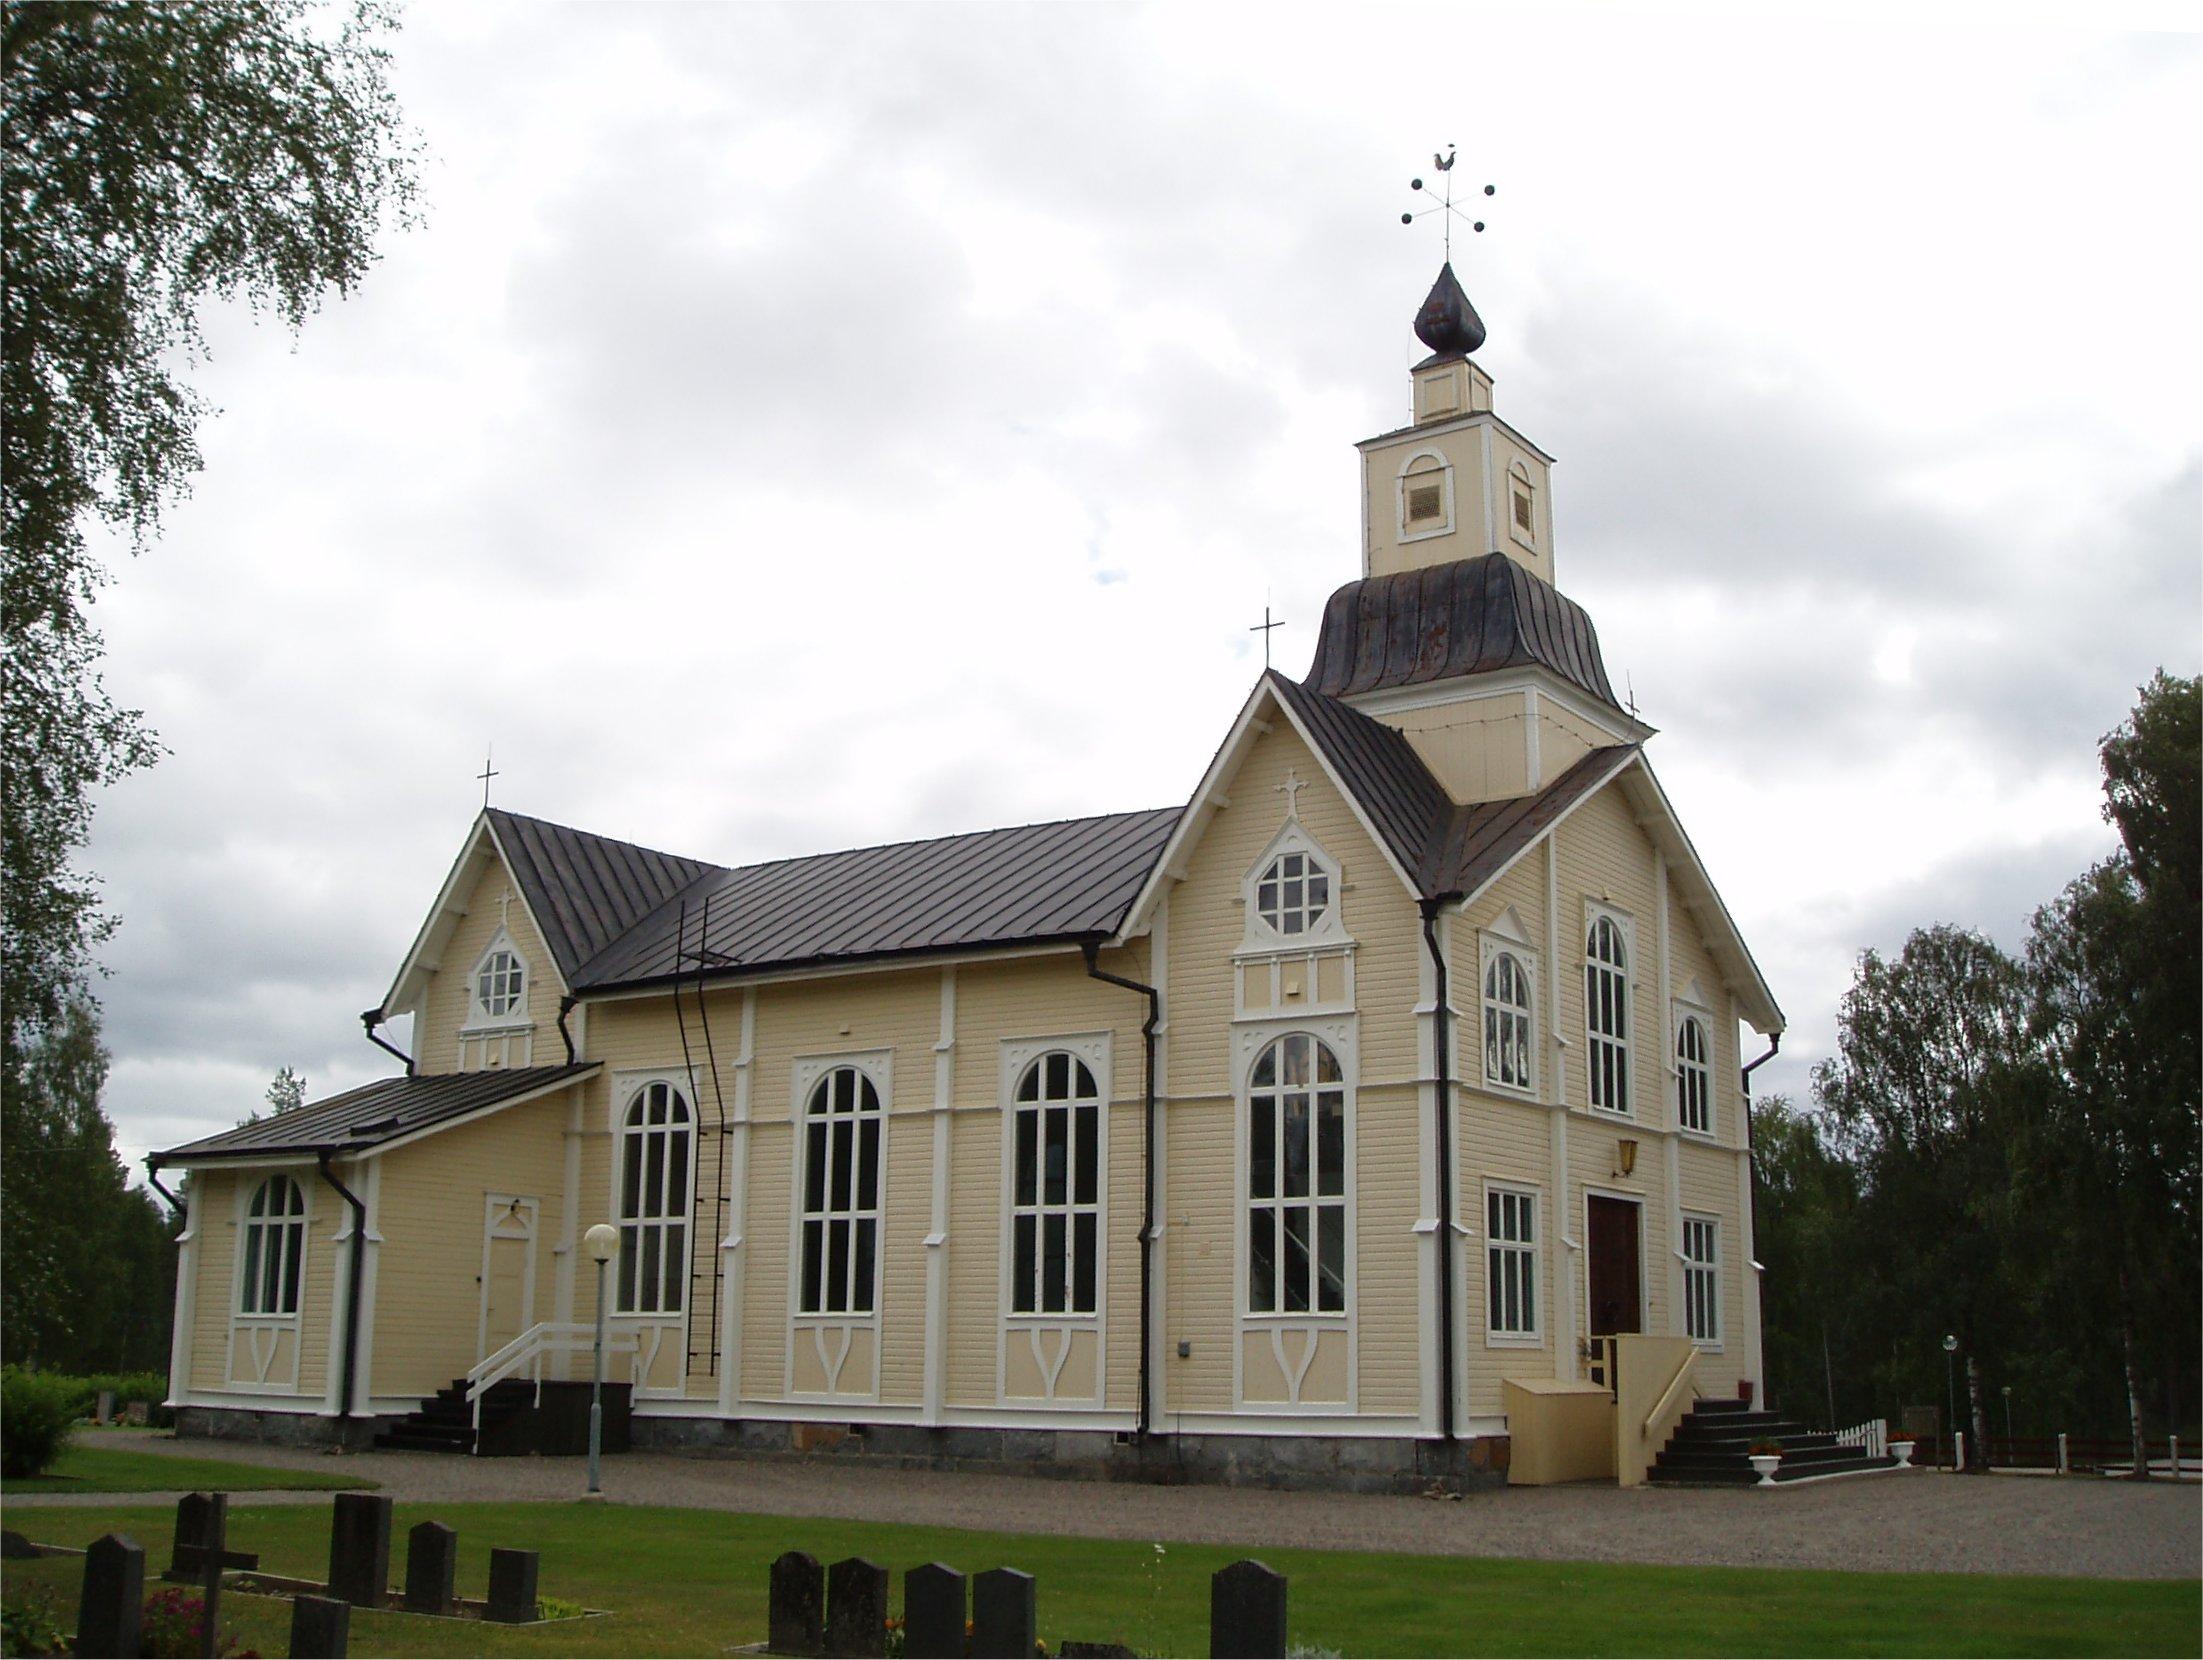 File:Norrbotten, Pite landsfrsamling, Pite gammelstad